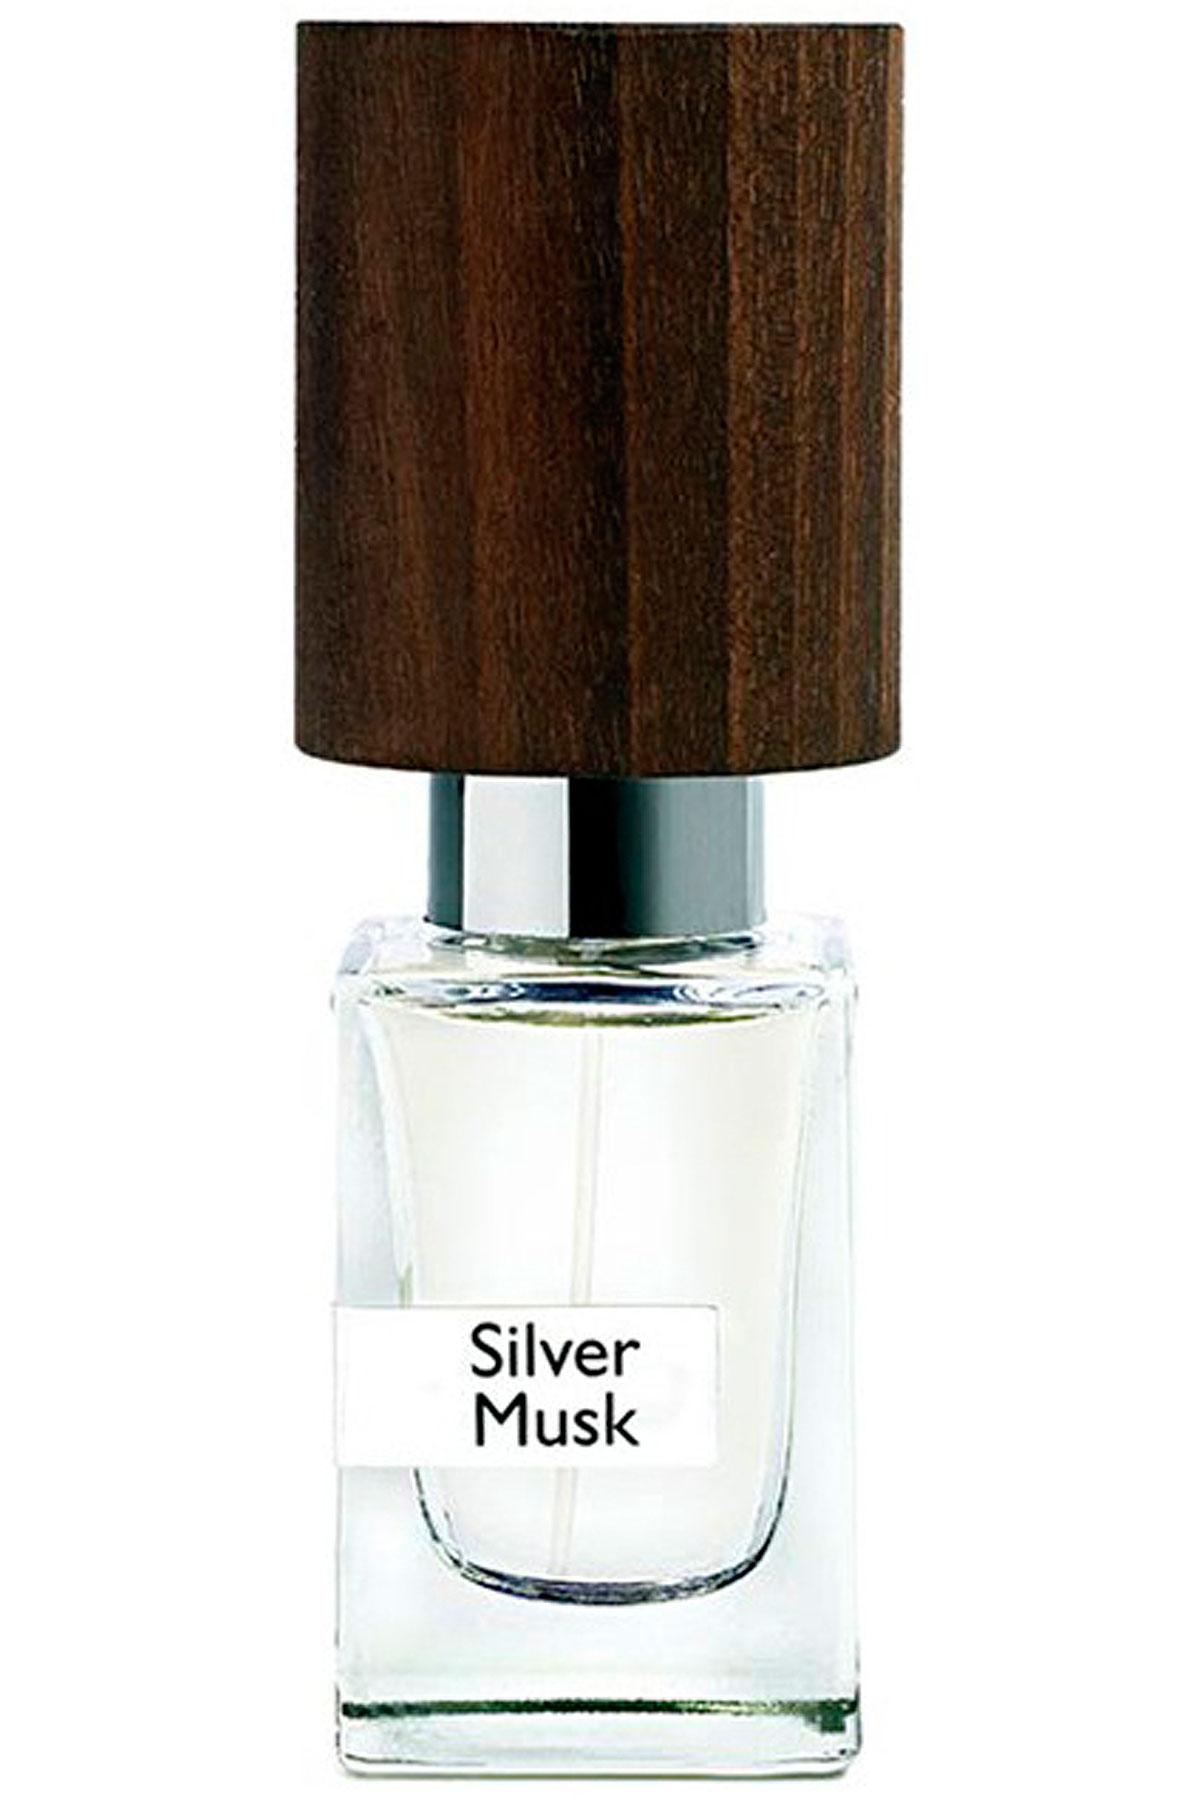 Nasomatto Fragrances for Men, Silver Musk - Extrait De Parfum - 30 Ml, 2019, 30 ml